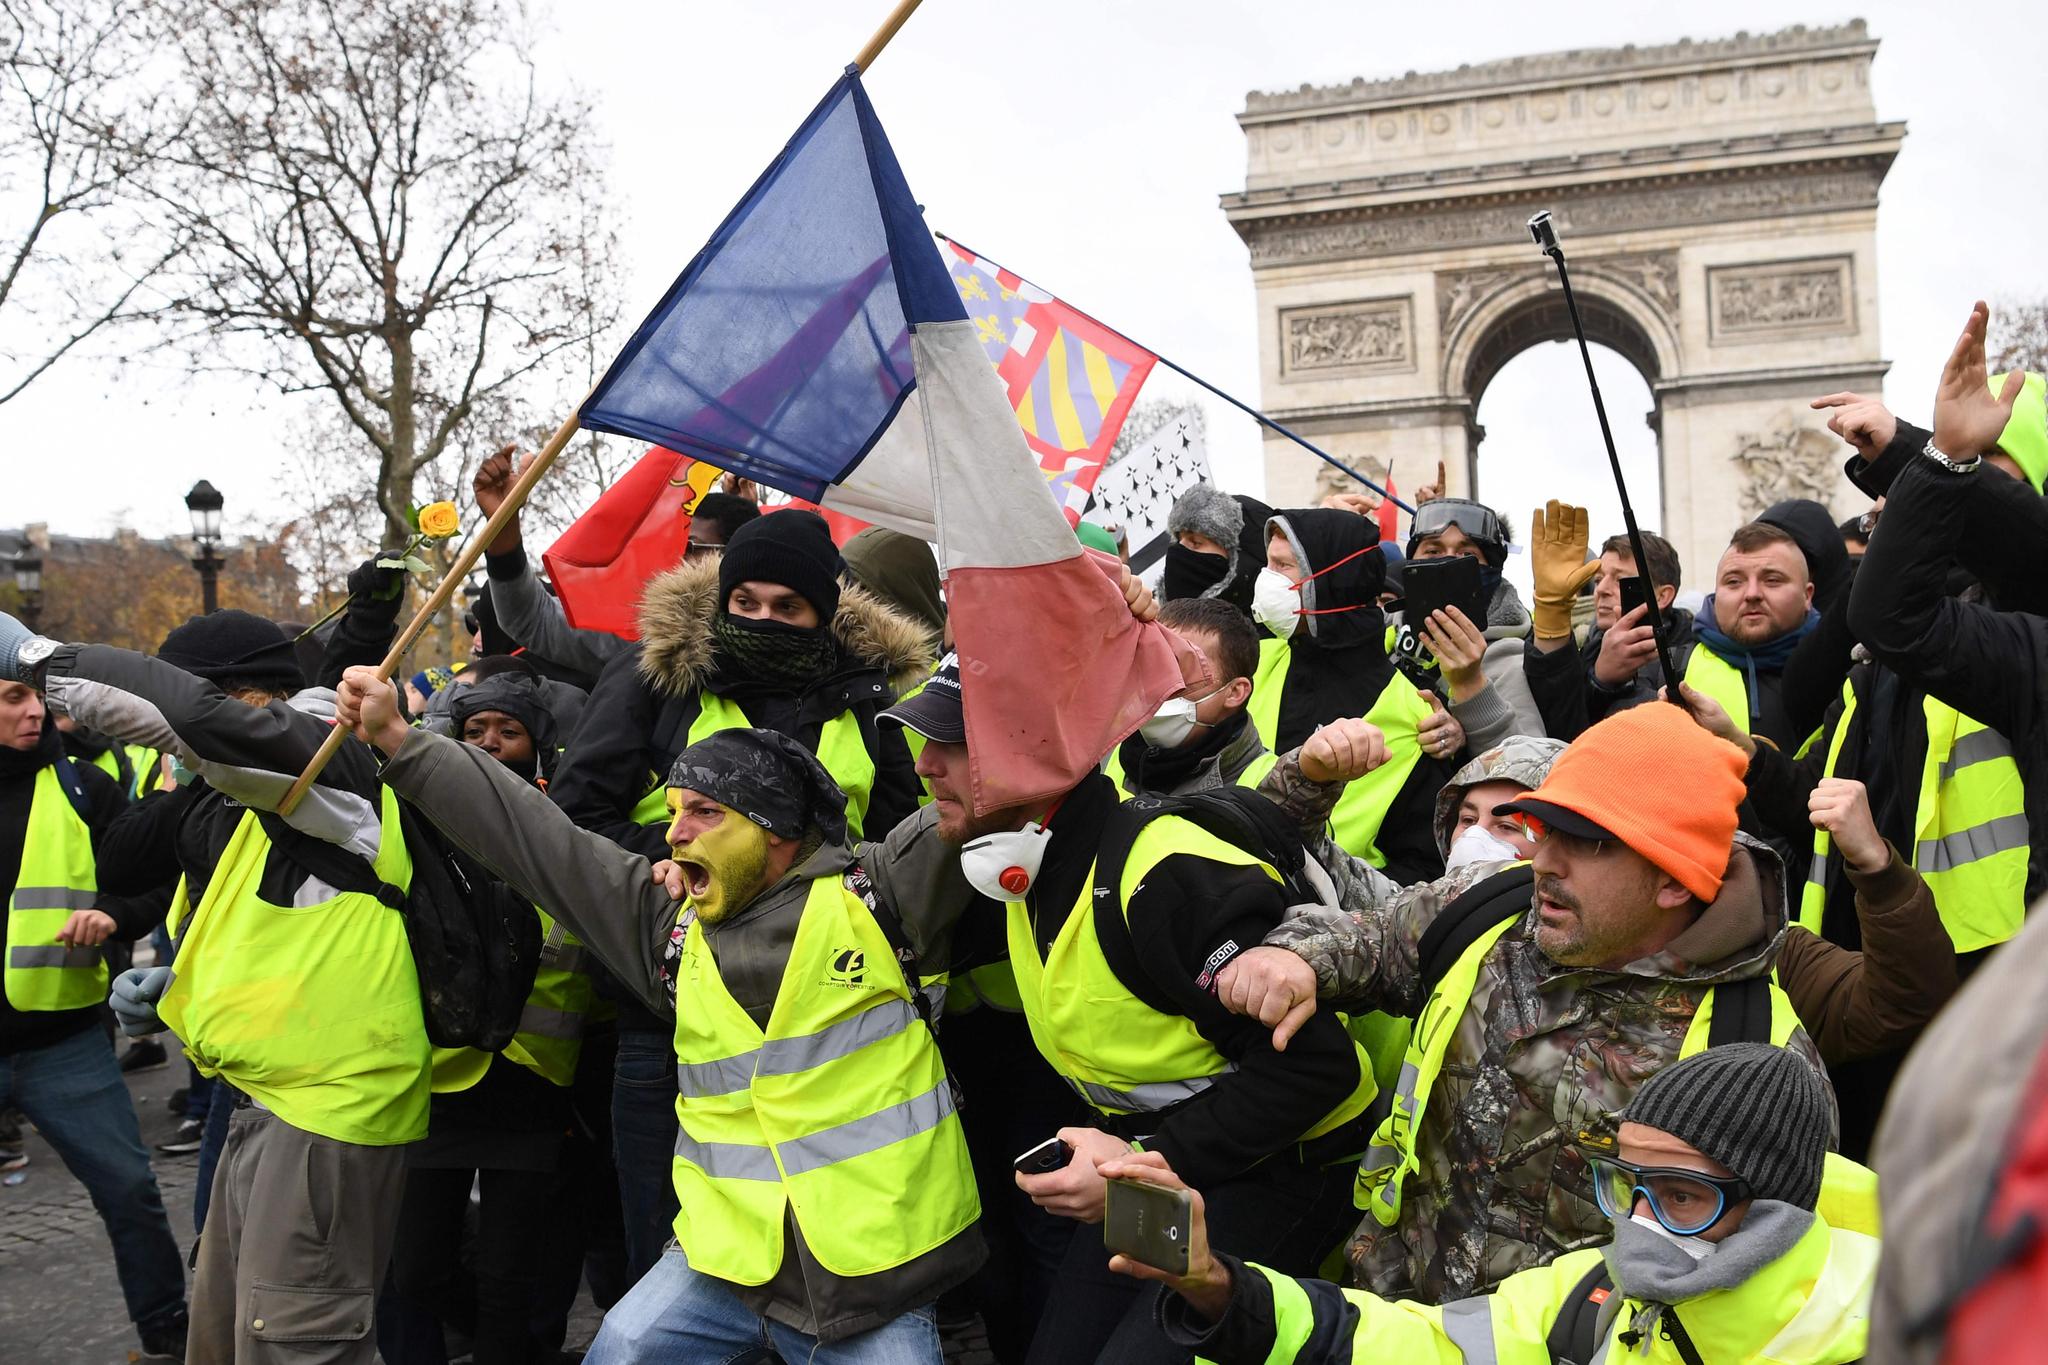 12월 8일 노란조끼 시위대가 파리 개선문 앞에서 세금 인상 등에 반대하는 시위를 하고 있다. 마크롱 대통령은 12월 11일 세금인상 등을 철회하는 대국민 담화를 발표했다. [AFP=연합뉴스]